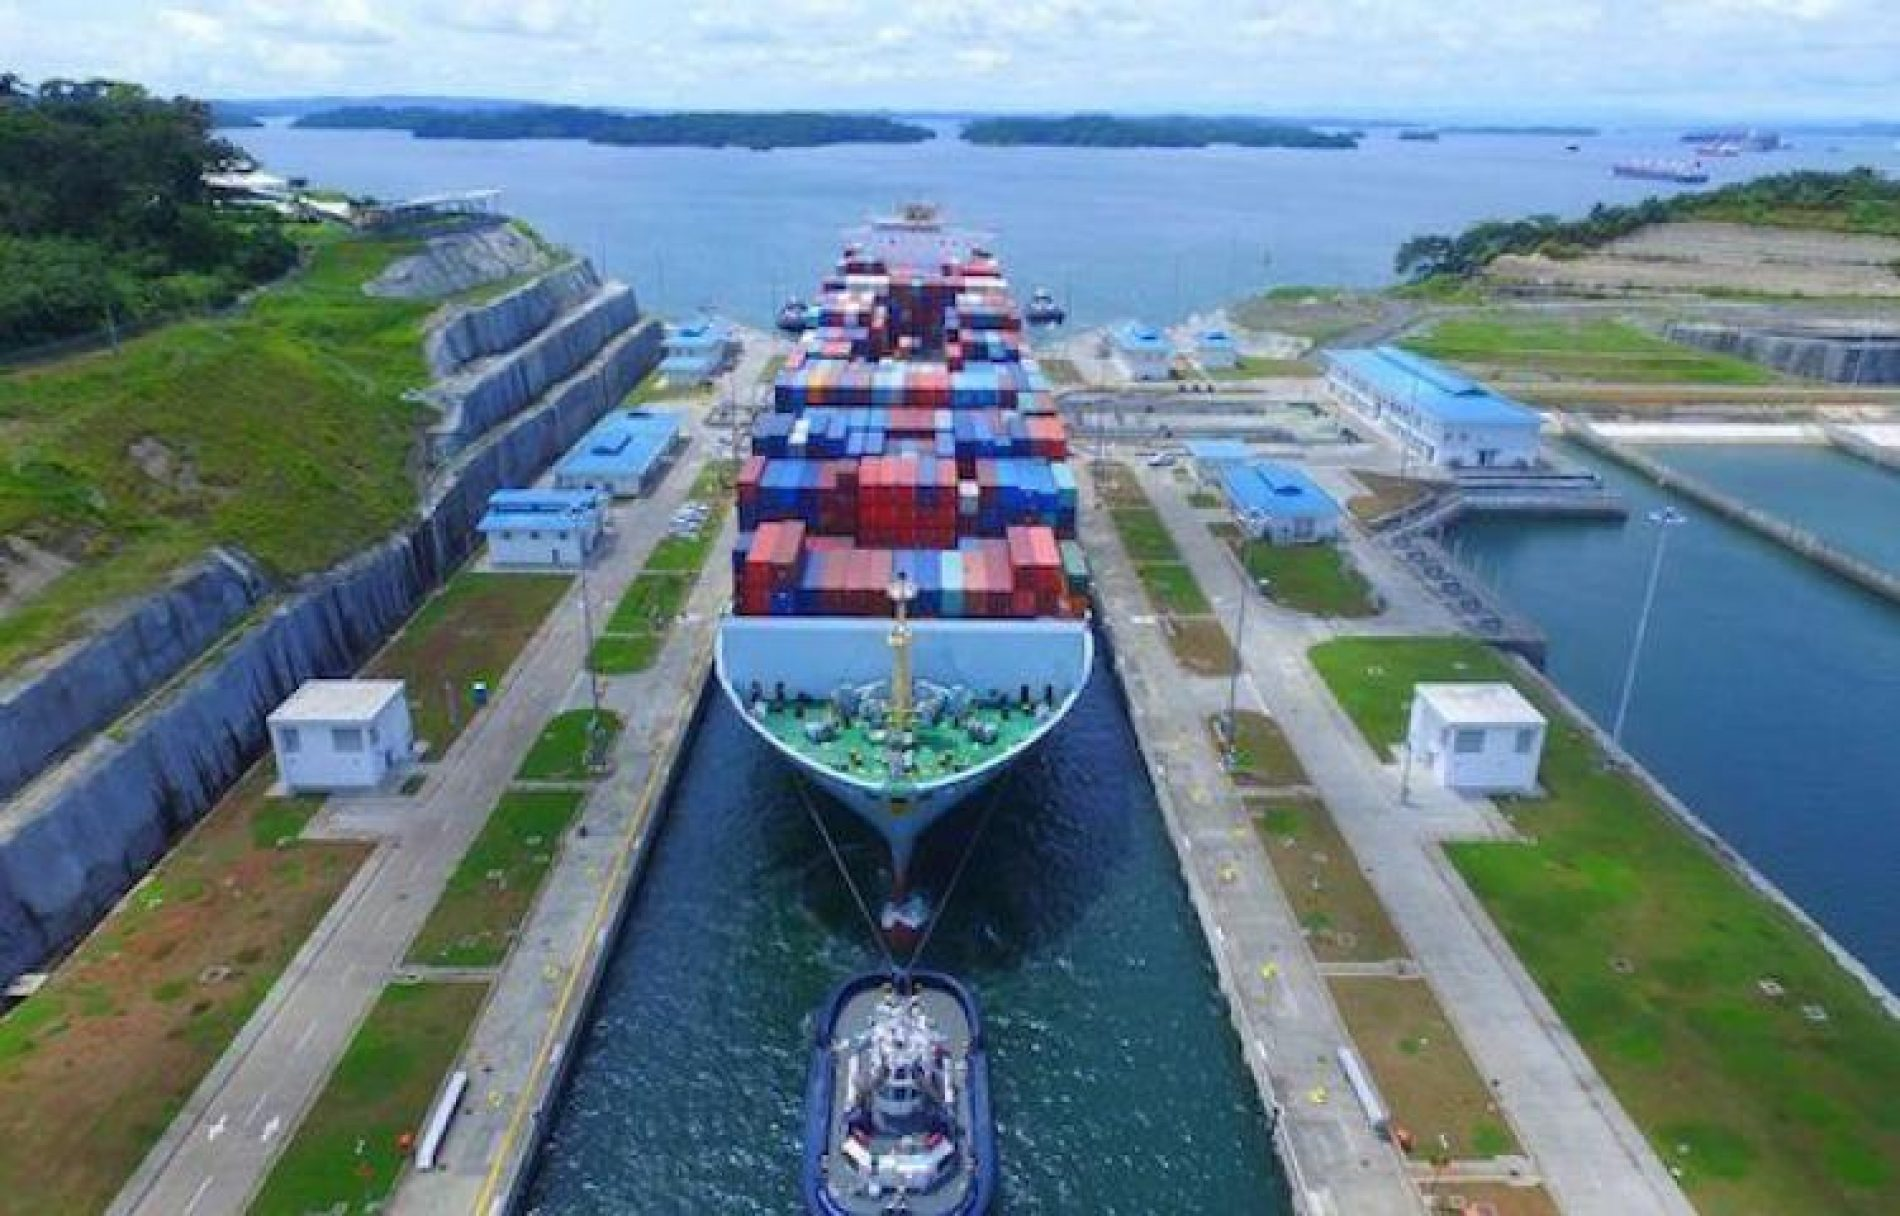 Changement climatique: Le trafic du Canal de Panama perturbé par la sécheresse!